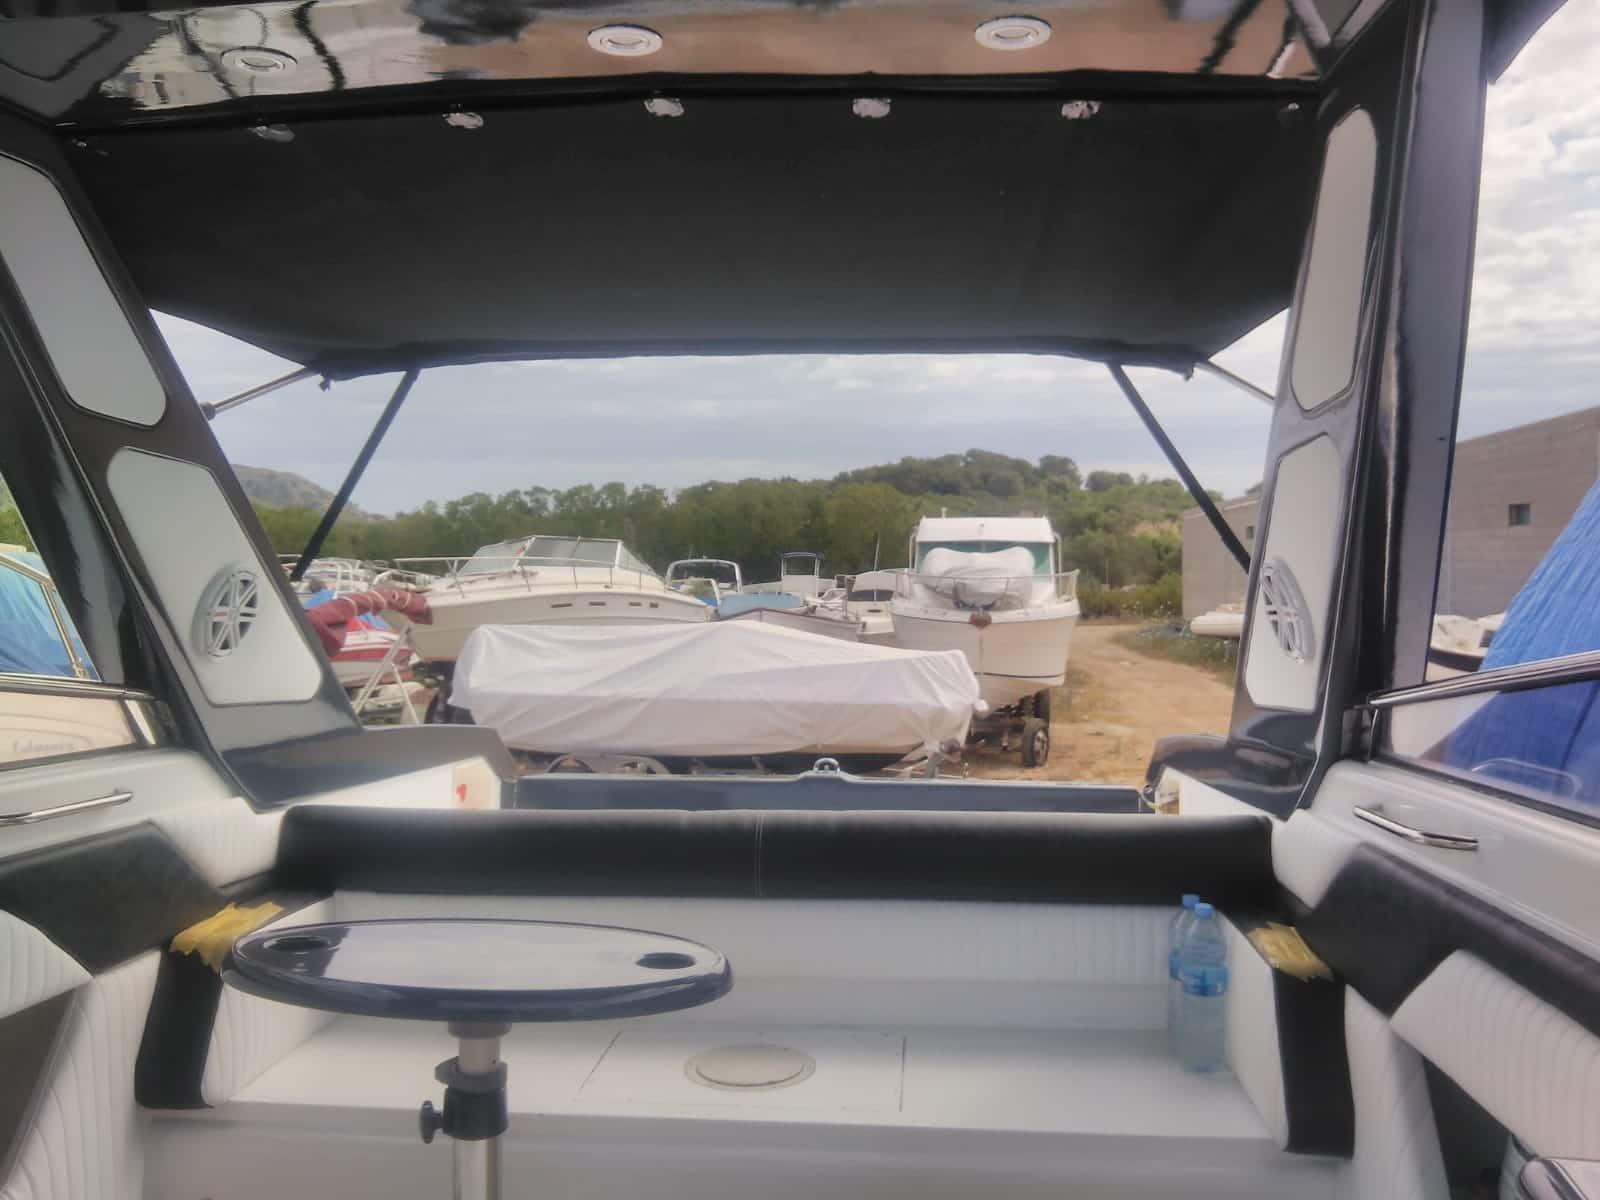 Star Boat Sunseeker Tomahawk 37-5